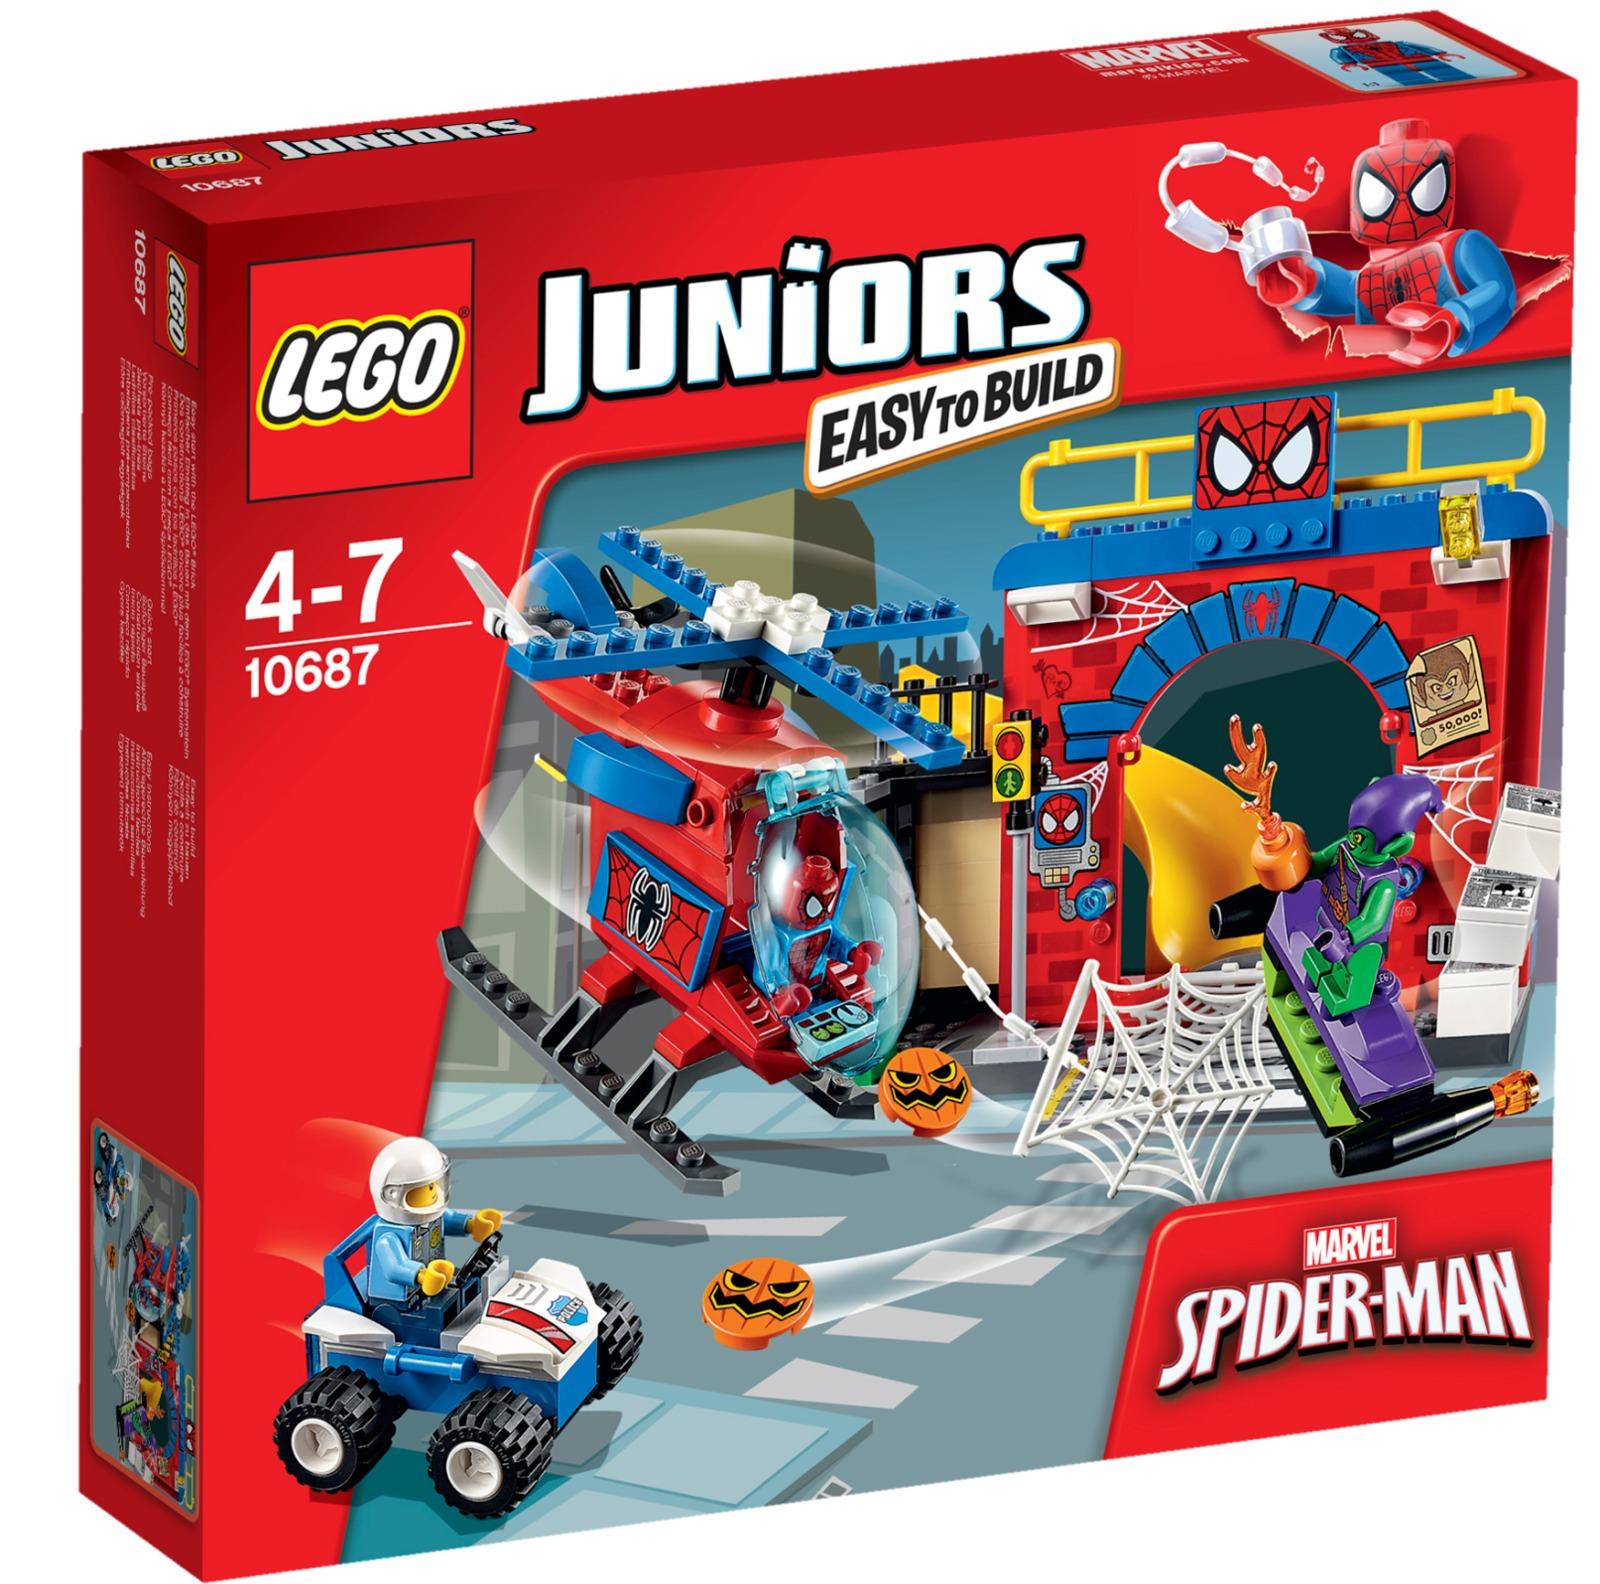 LEGO Juniors: Spider-man Hideout (10687) image